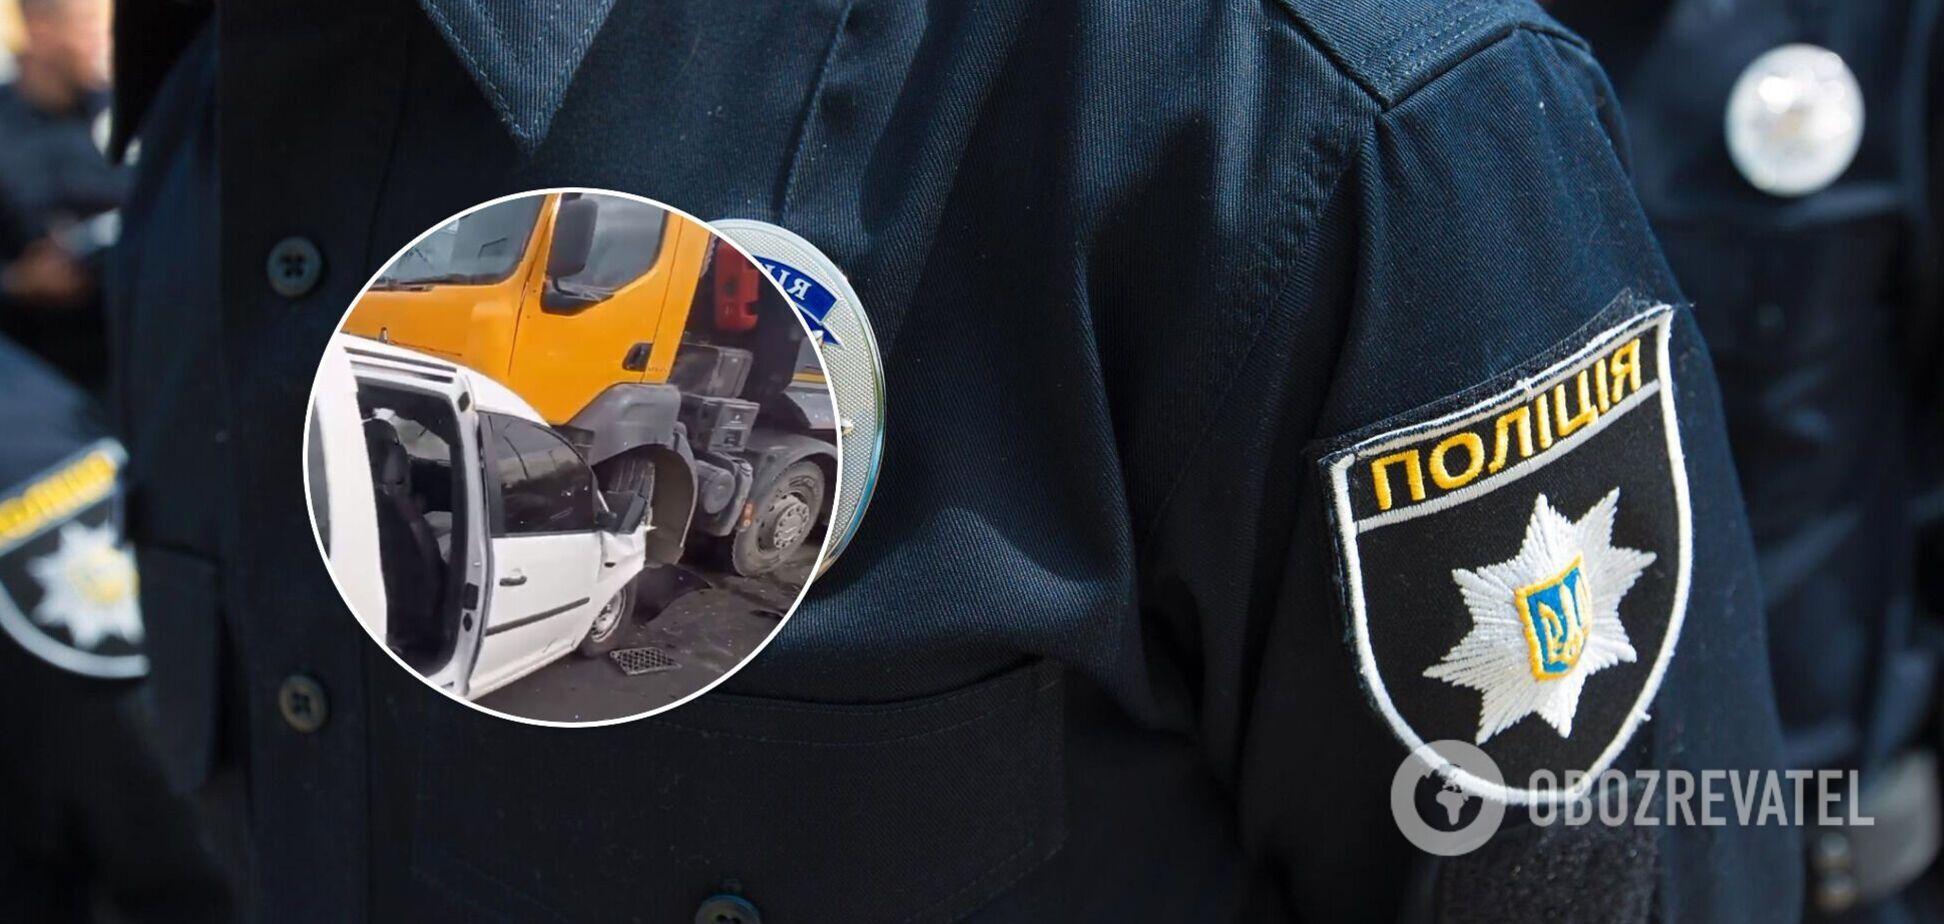 Обставини ДТП встановить поліція